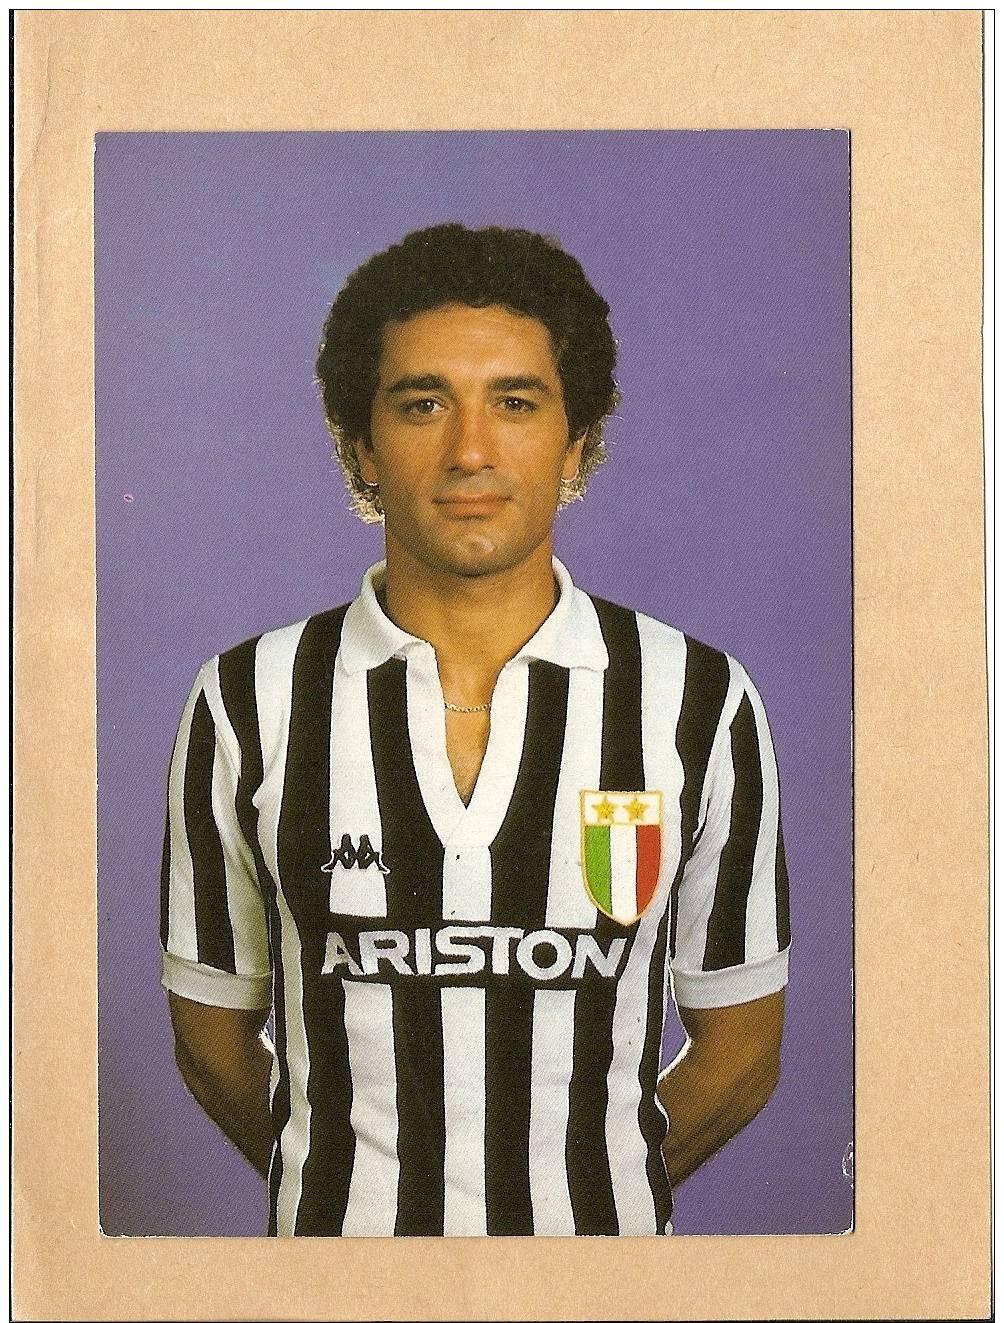 CALCIO - JUVENTUS - CLAUDIO GENTILE - Calcio